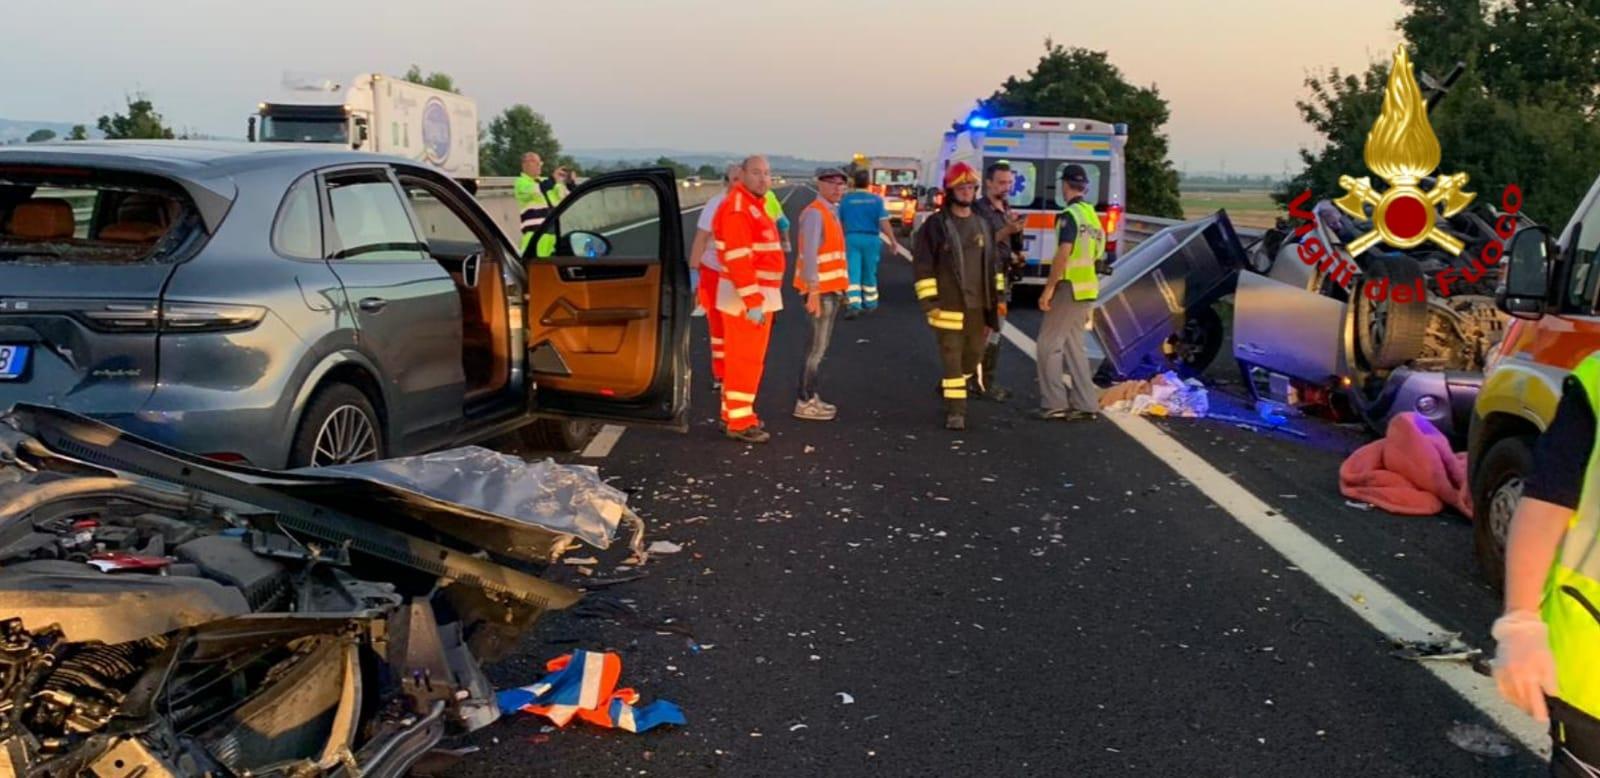 Tragedia in autostrada: un morto e 12 feriti